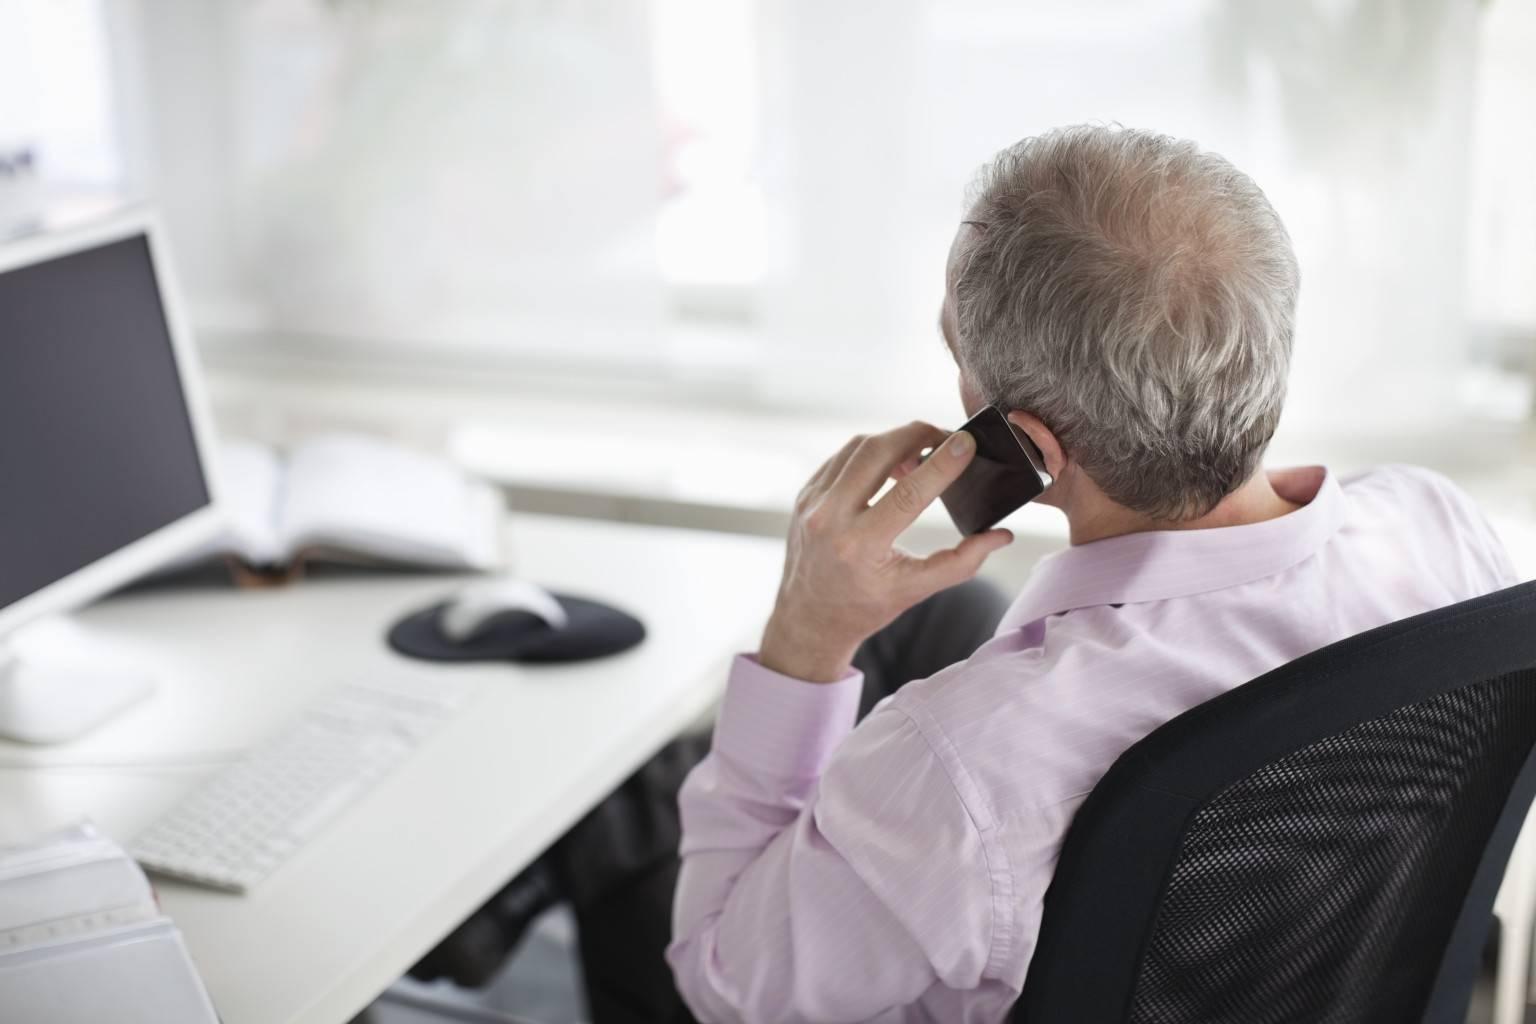 Мужчина сидит за рабочим столом с телефоном в руке